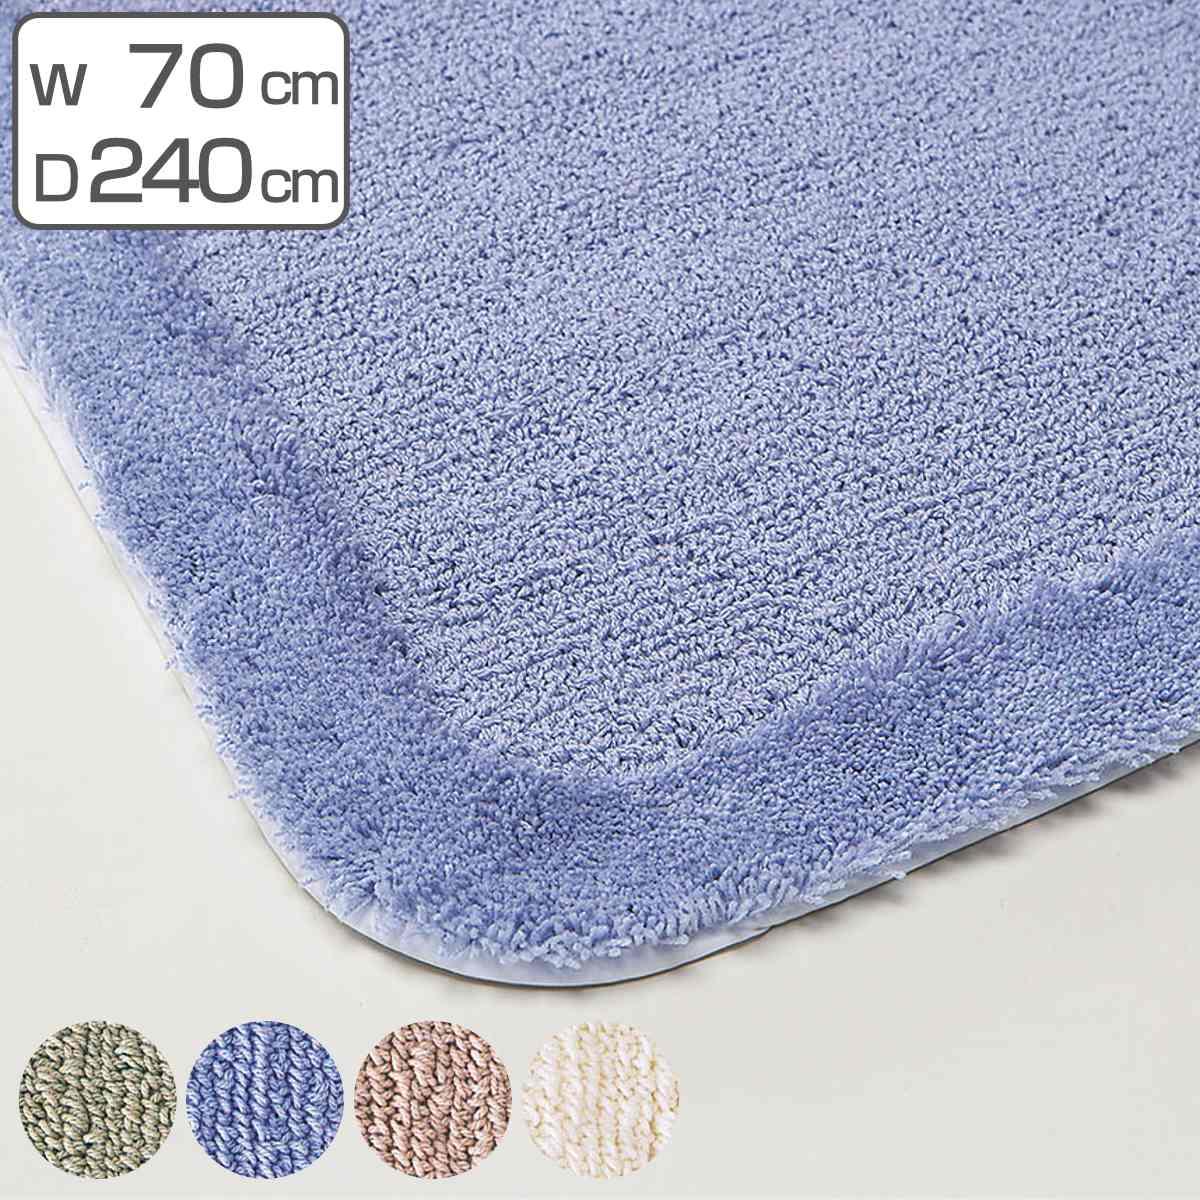 バスマット業務用 吸水ループパイル ノンスリップ抗菌仕様 70×240  ( 足拭き 風呂マット 送料無料 )